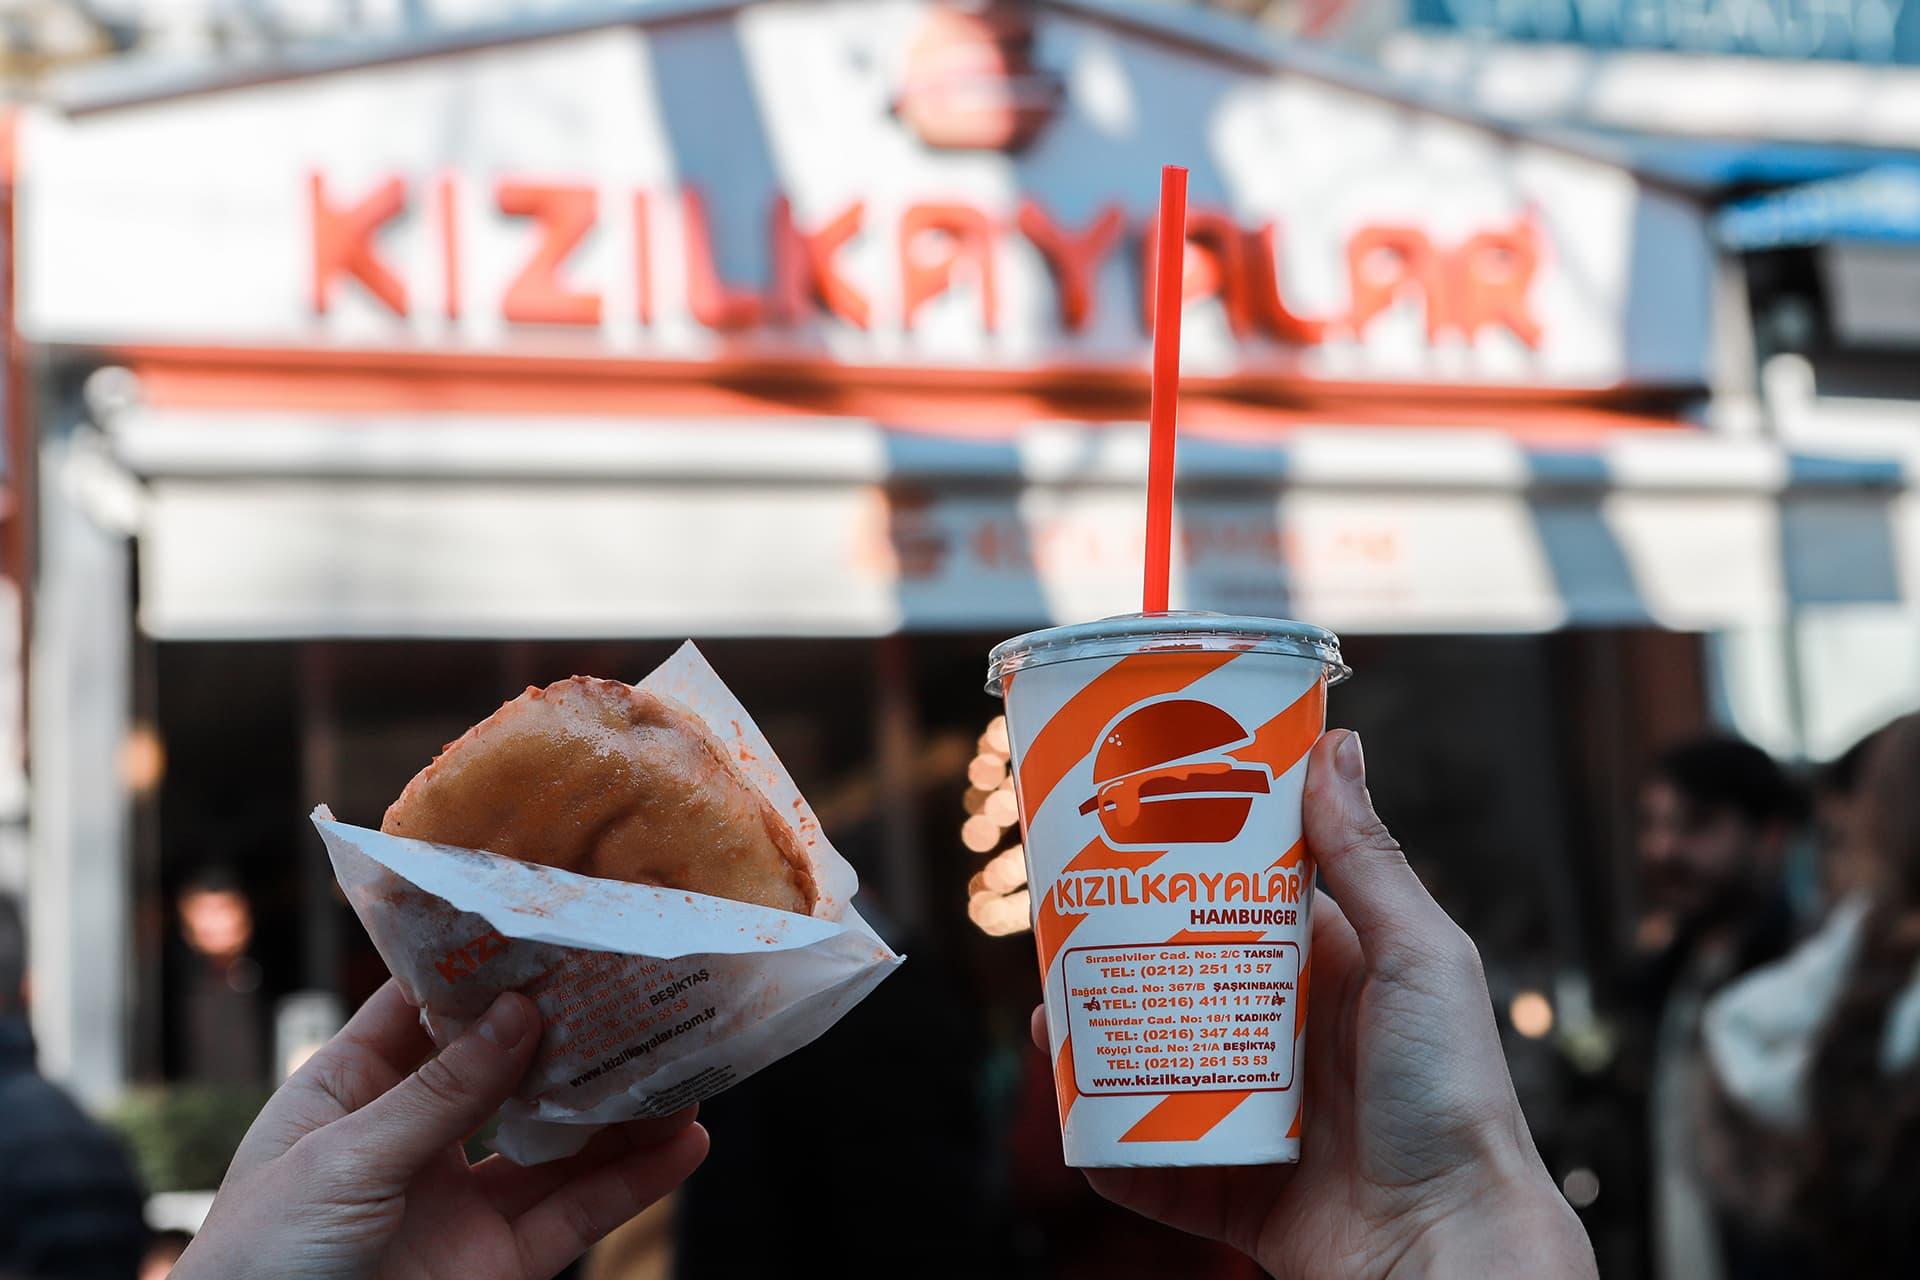 Islak Hamburgerin Sokak Yemekleri Kültüründeki Yeri